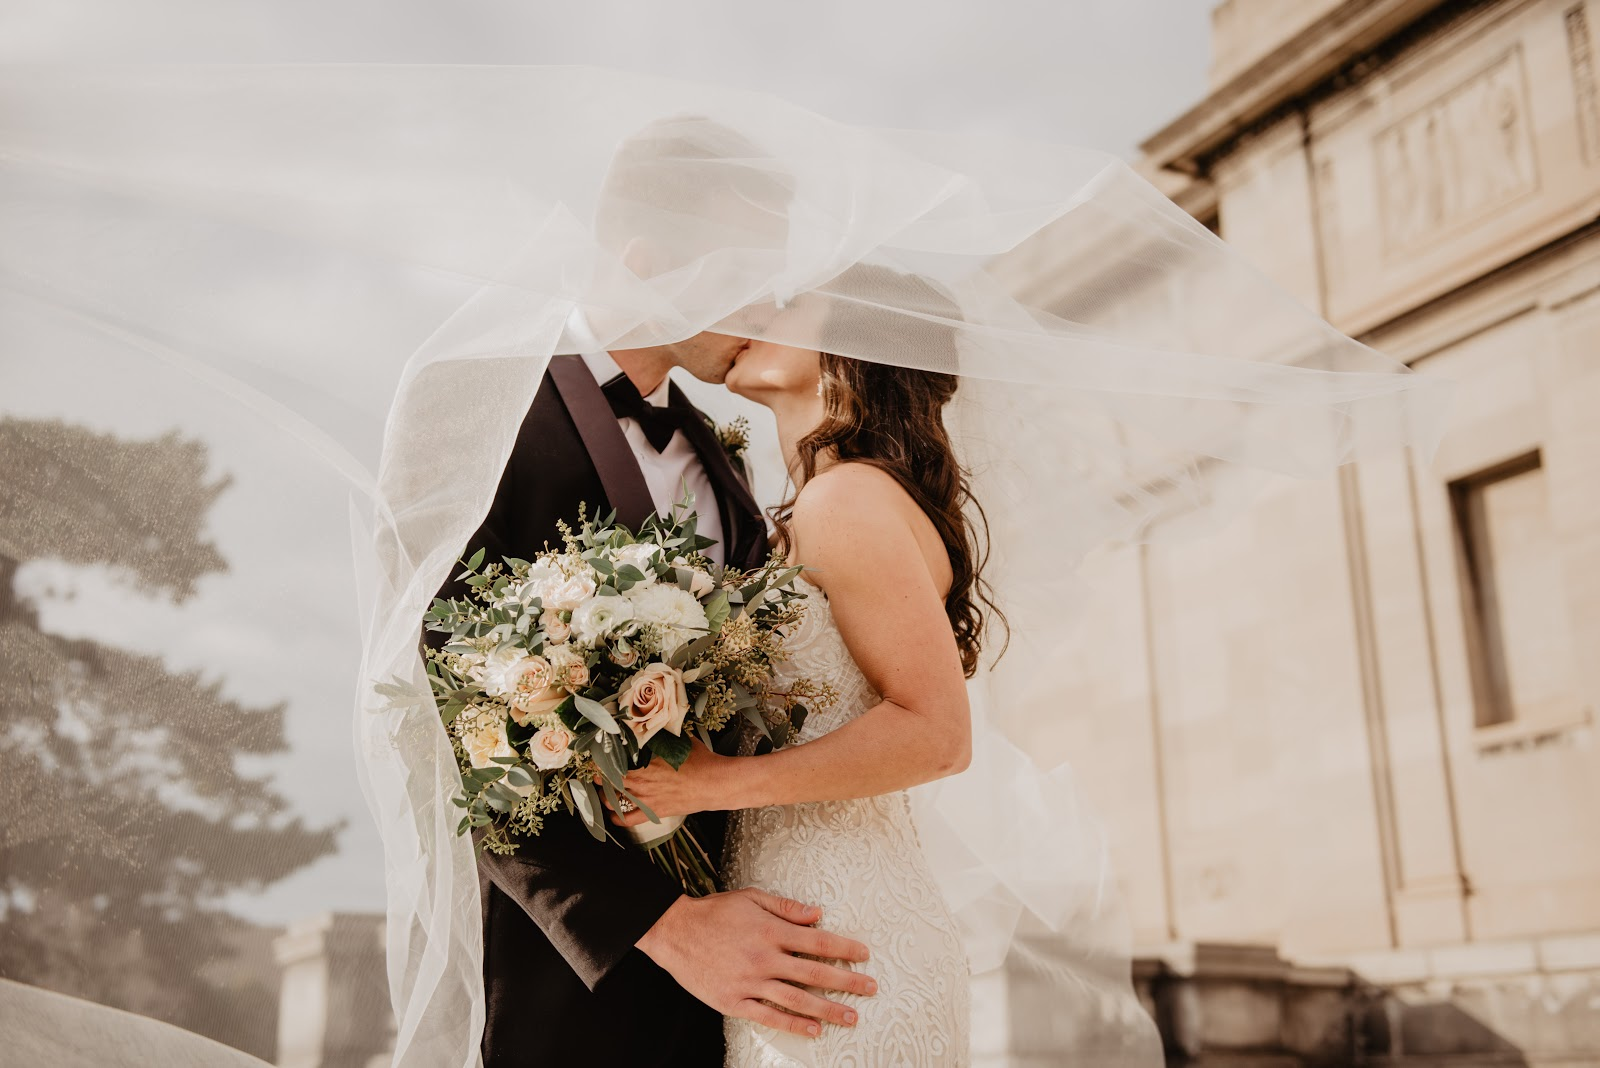 結婚式で口付けを交わす黒いタキシードの男と白いドレスの女に白いベールがかかっている